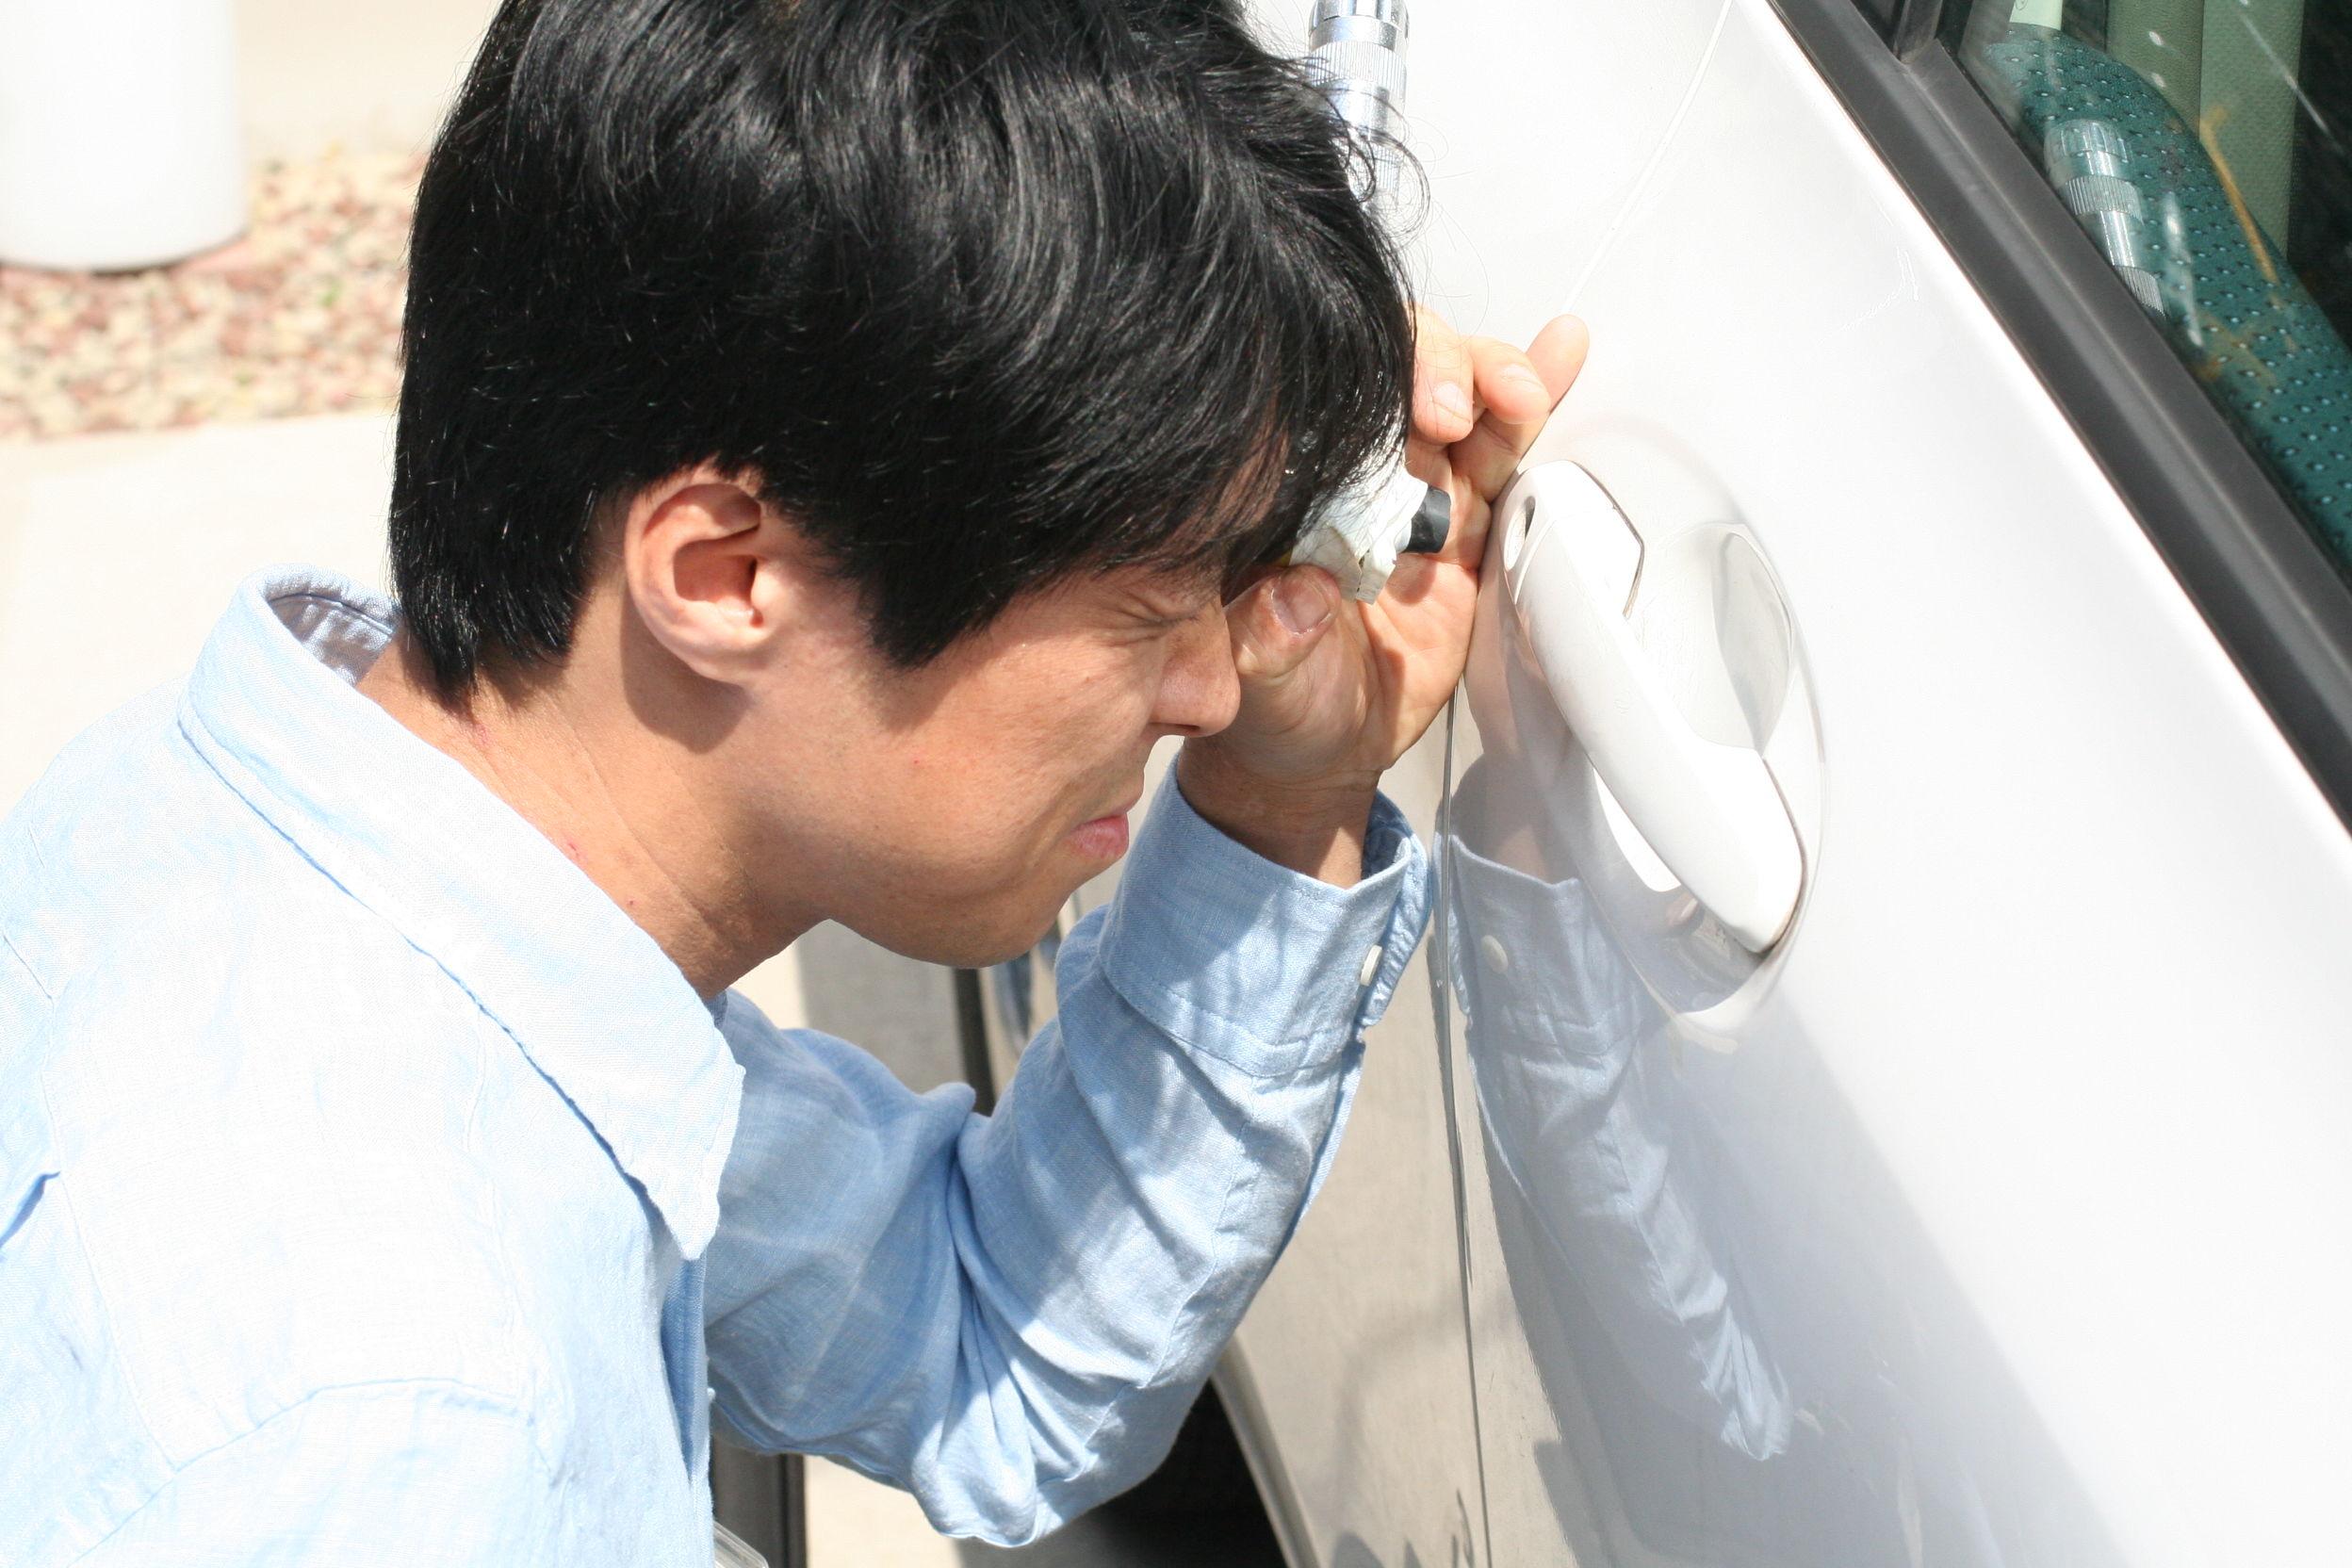 カギのトラブル救Q隊.24【飯塚市 出張エリア】のメイン画像